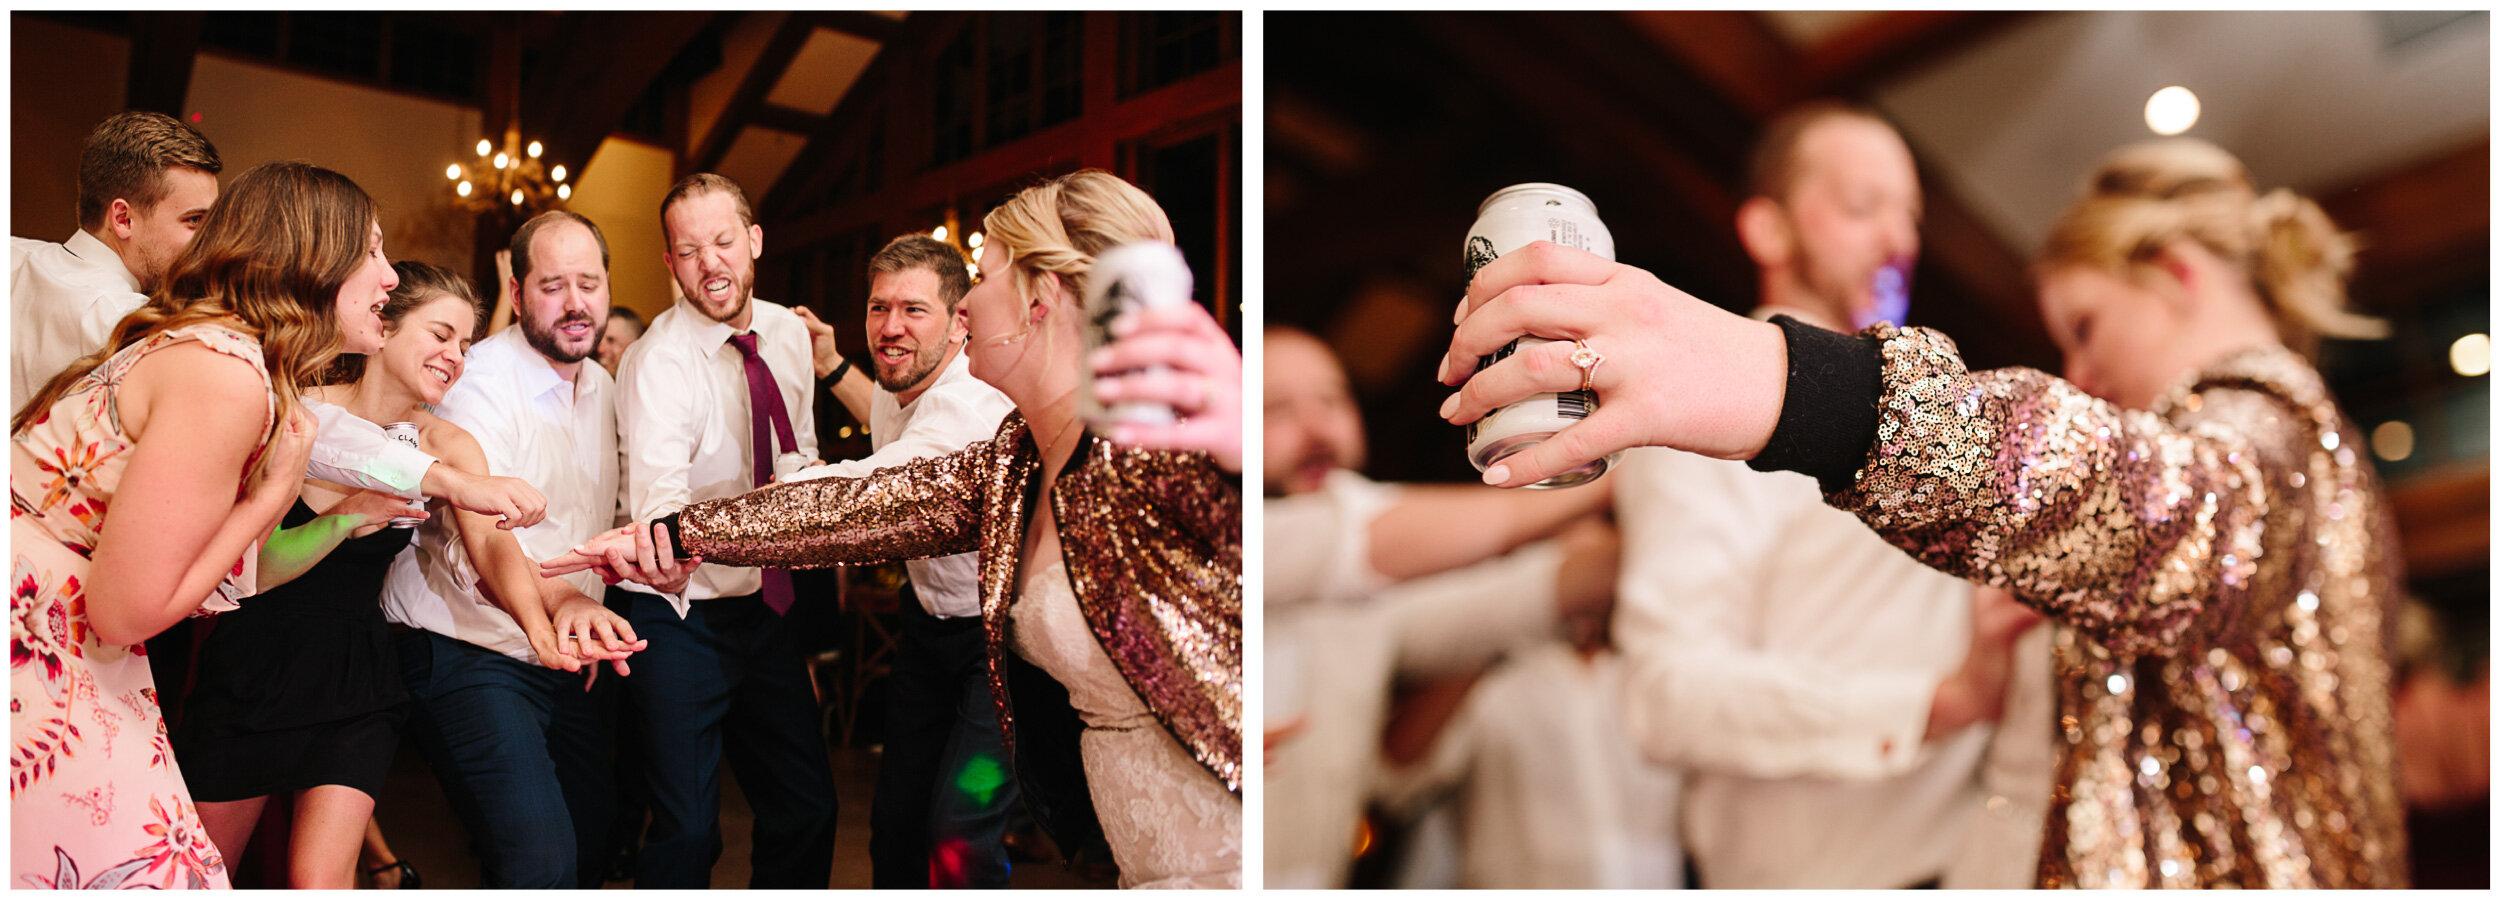 vail_wedding_123.jpg